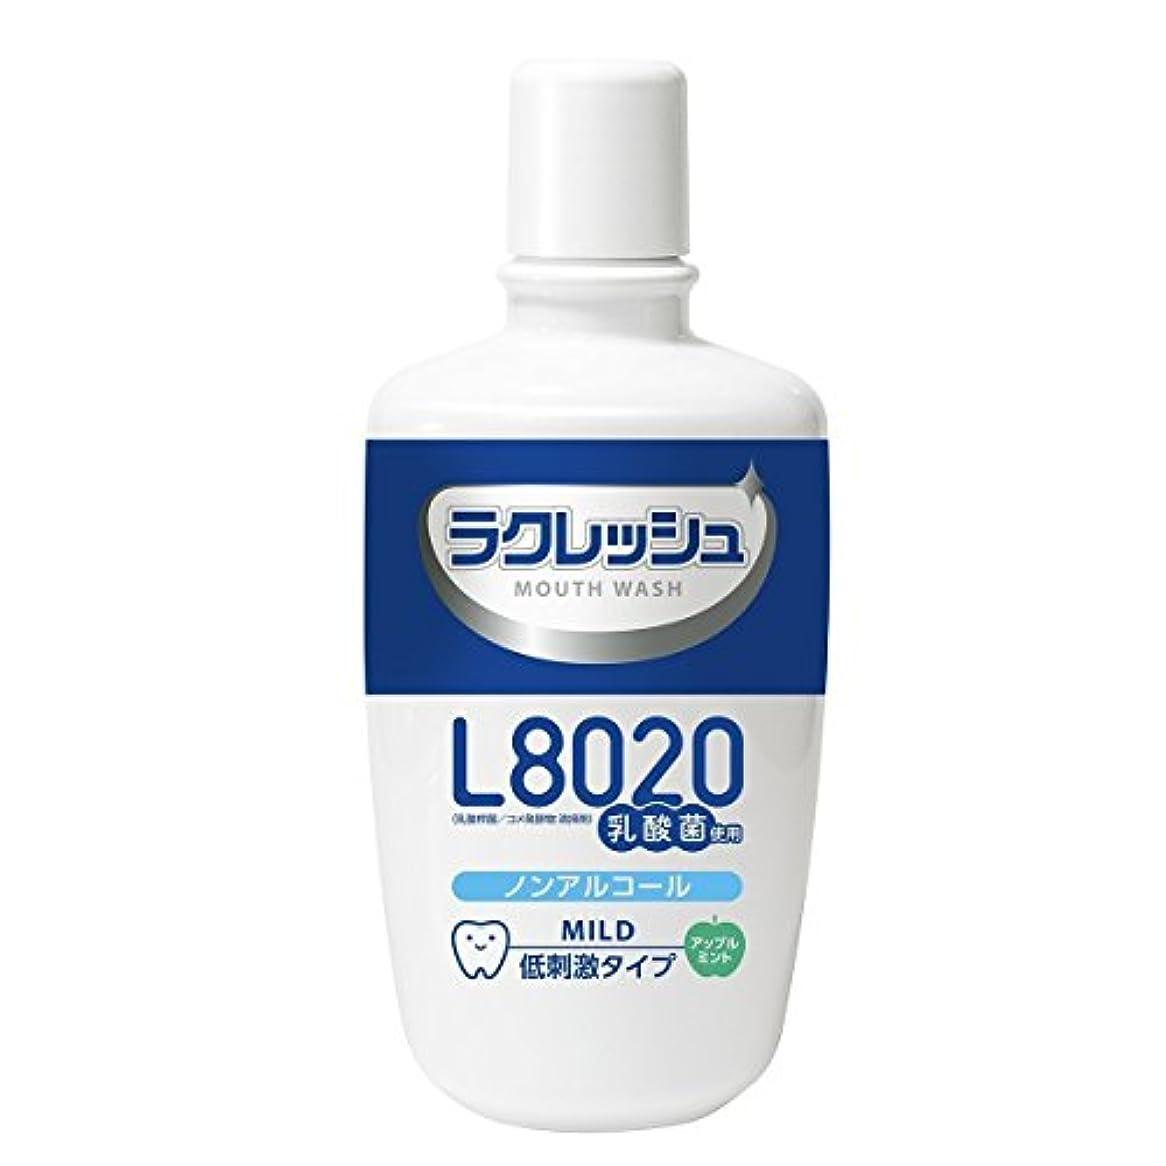 爪めんどり老人ラクレッシュ L8020菌 マウスウォッシュ 12本セット